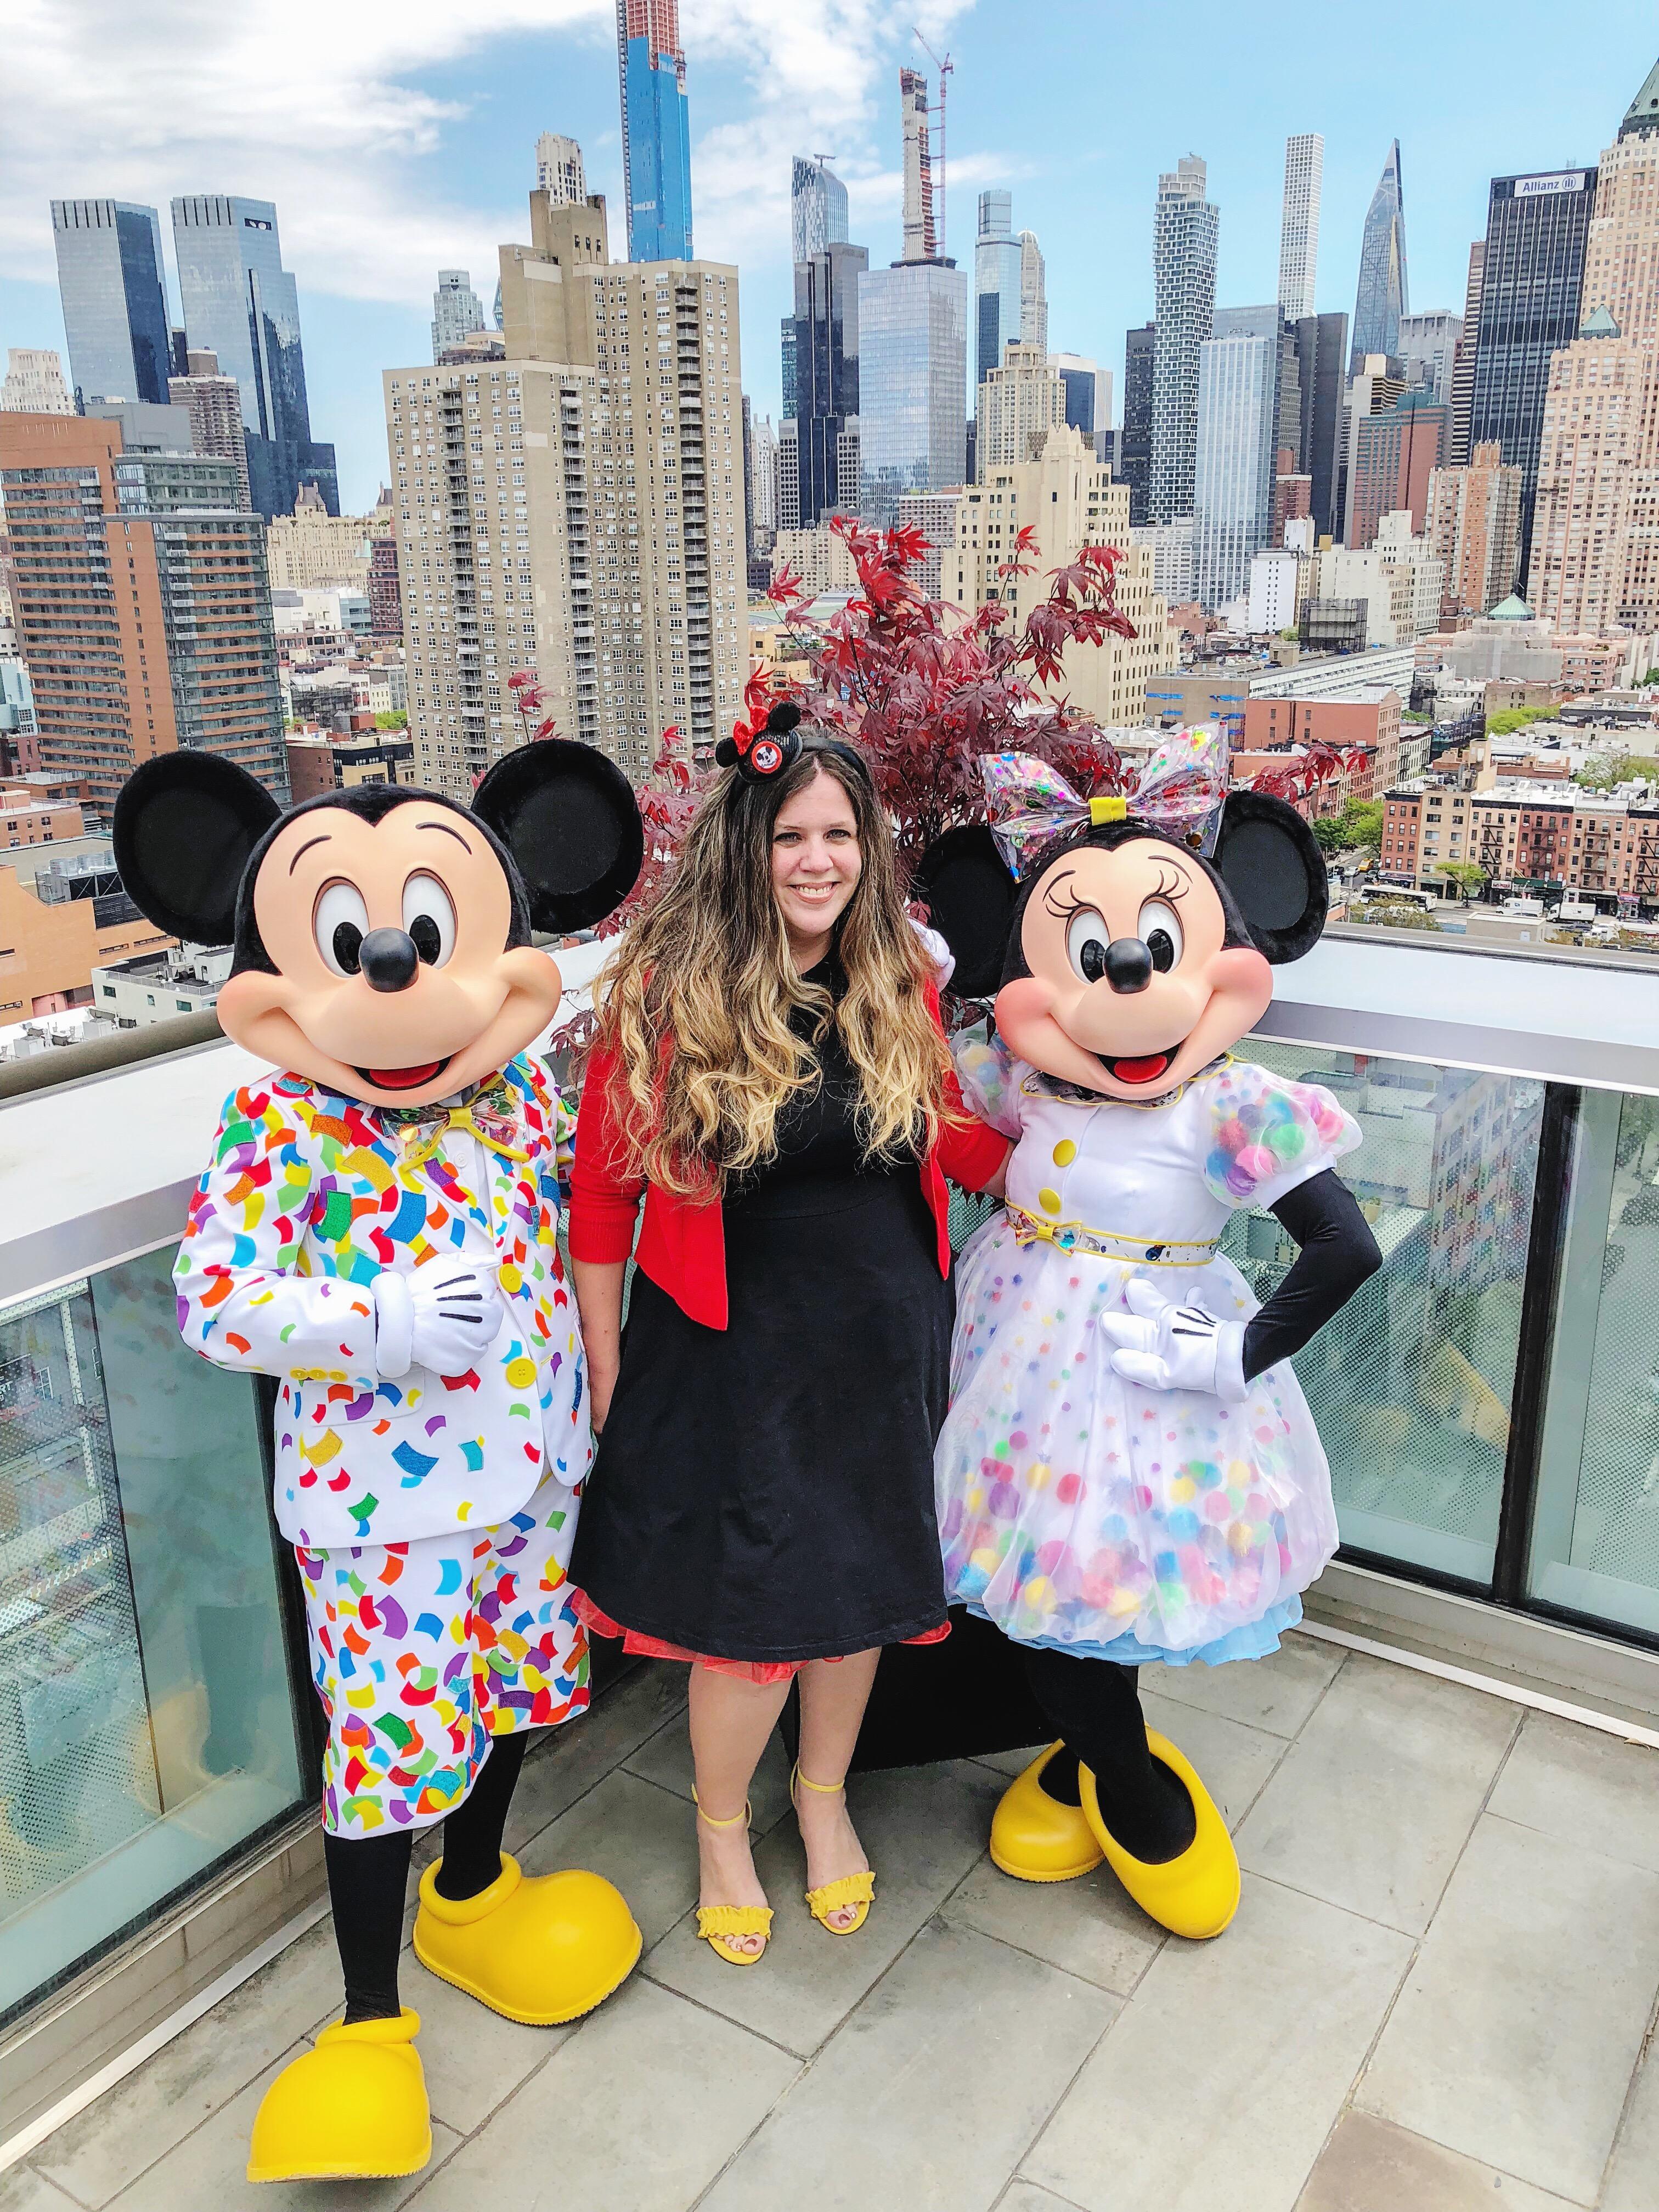 DisneySMC event in NYC